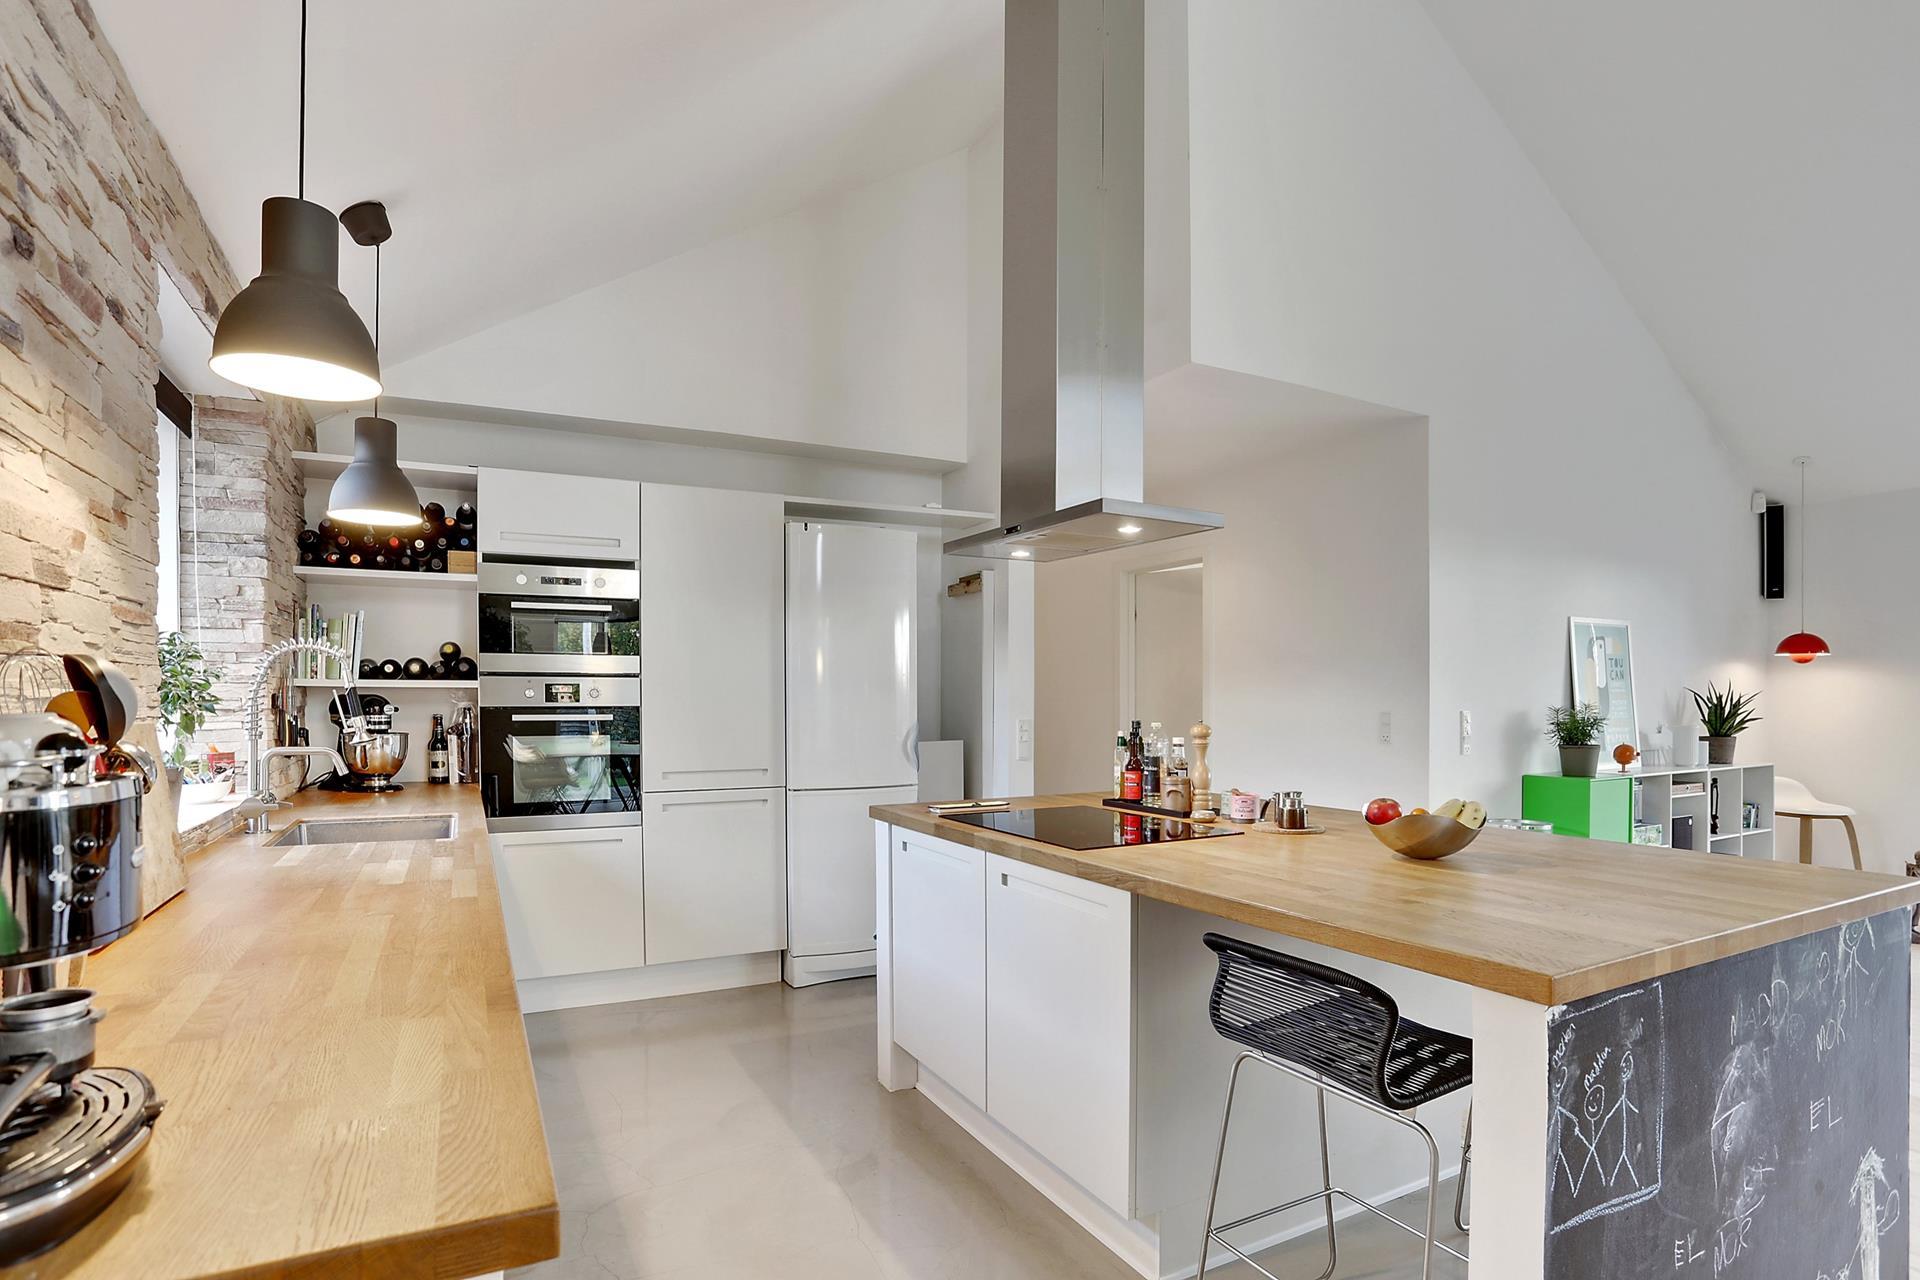 Muebles y armarios bajos de cocina blog tienda decoraci n estilo n rdico delikatissen - Cocina encimera madera ...